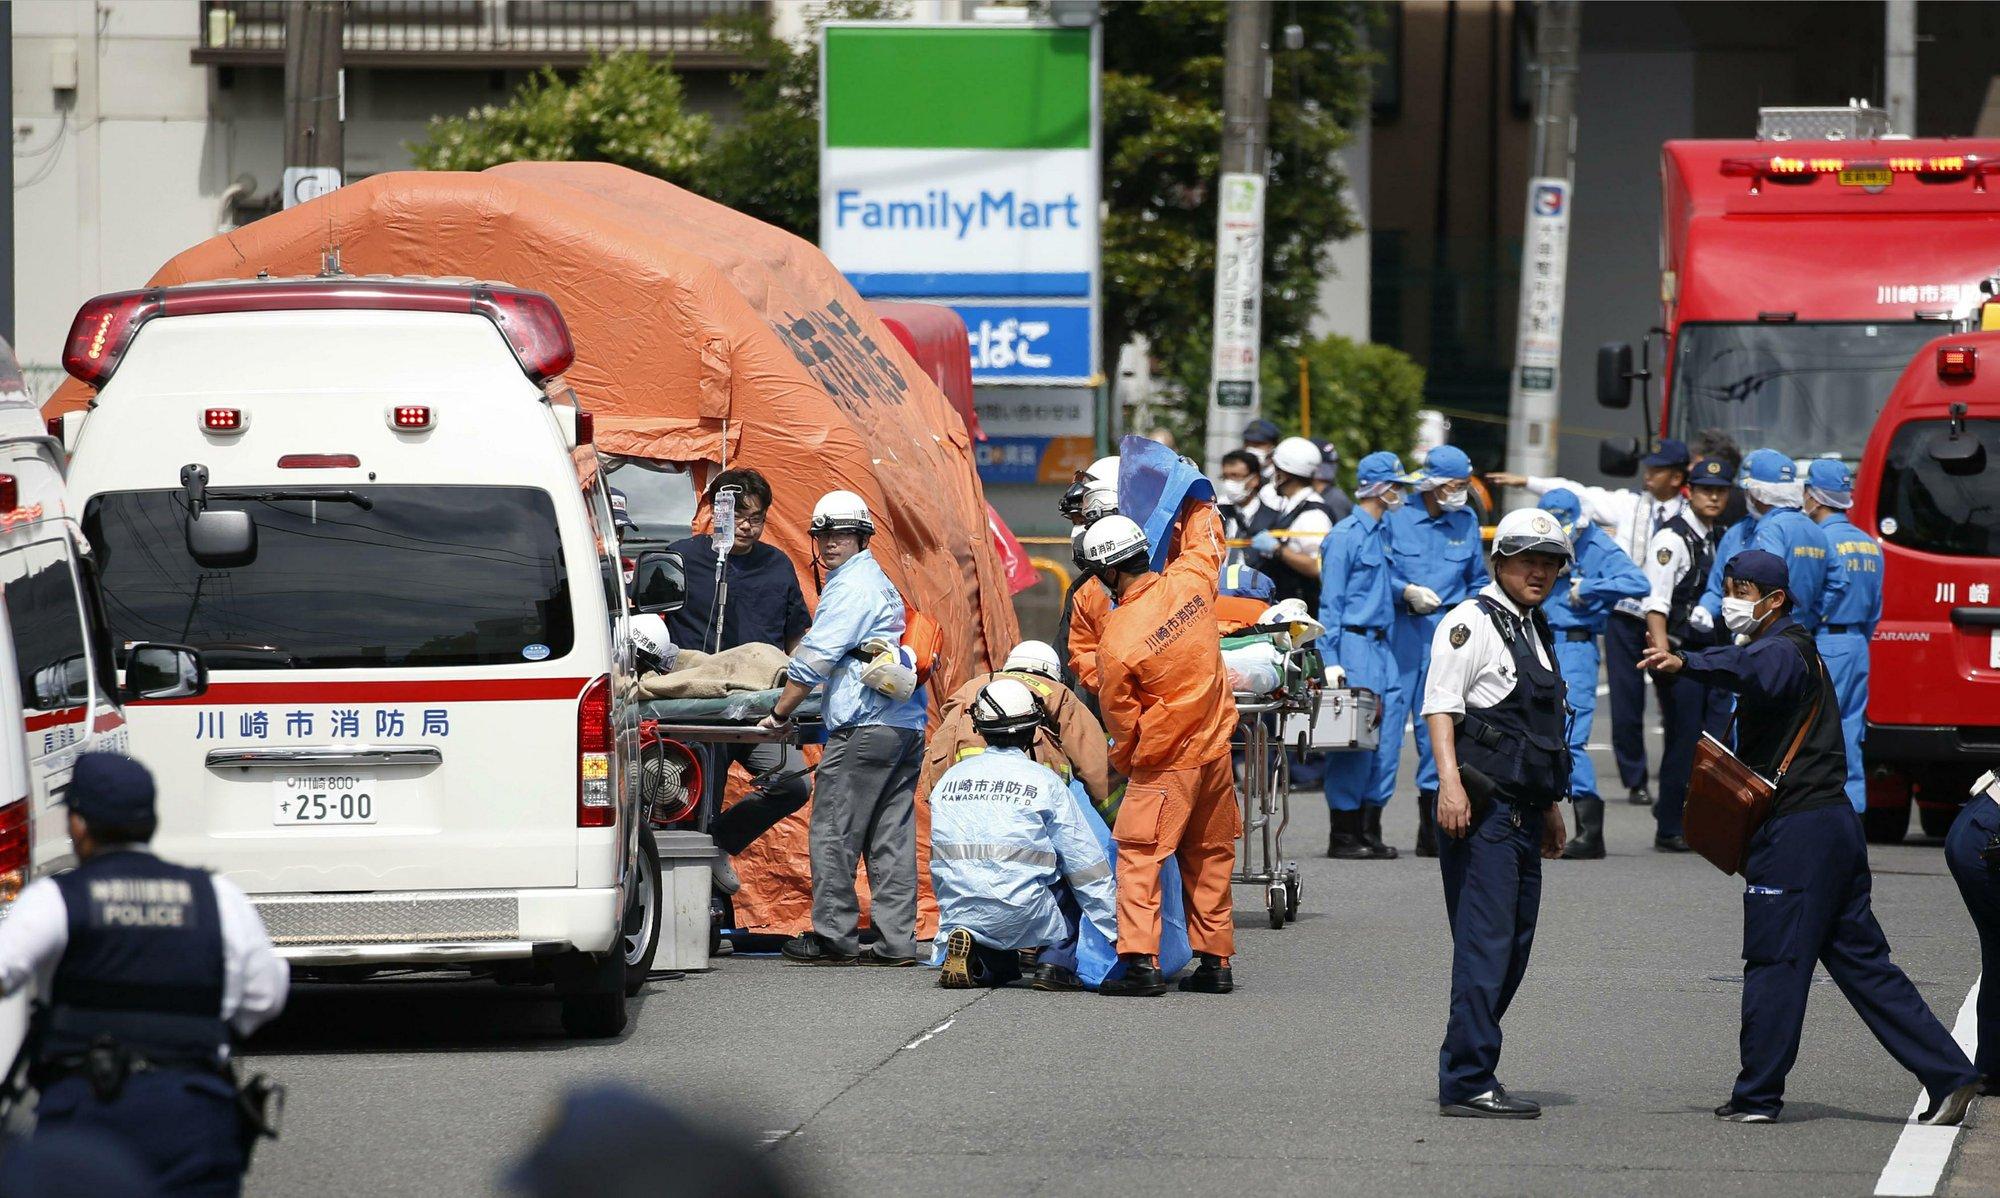 สะเทือนขวัญ! มือมีดไล่แทงนักเรียนญี่ปุ่น ตาย 3 เจ็บ 16 คนร้ายแทงคอตัวเองสิ้นชีพ